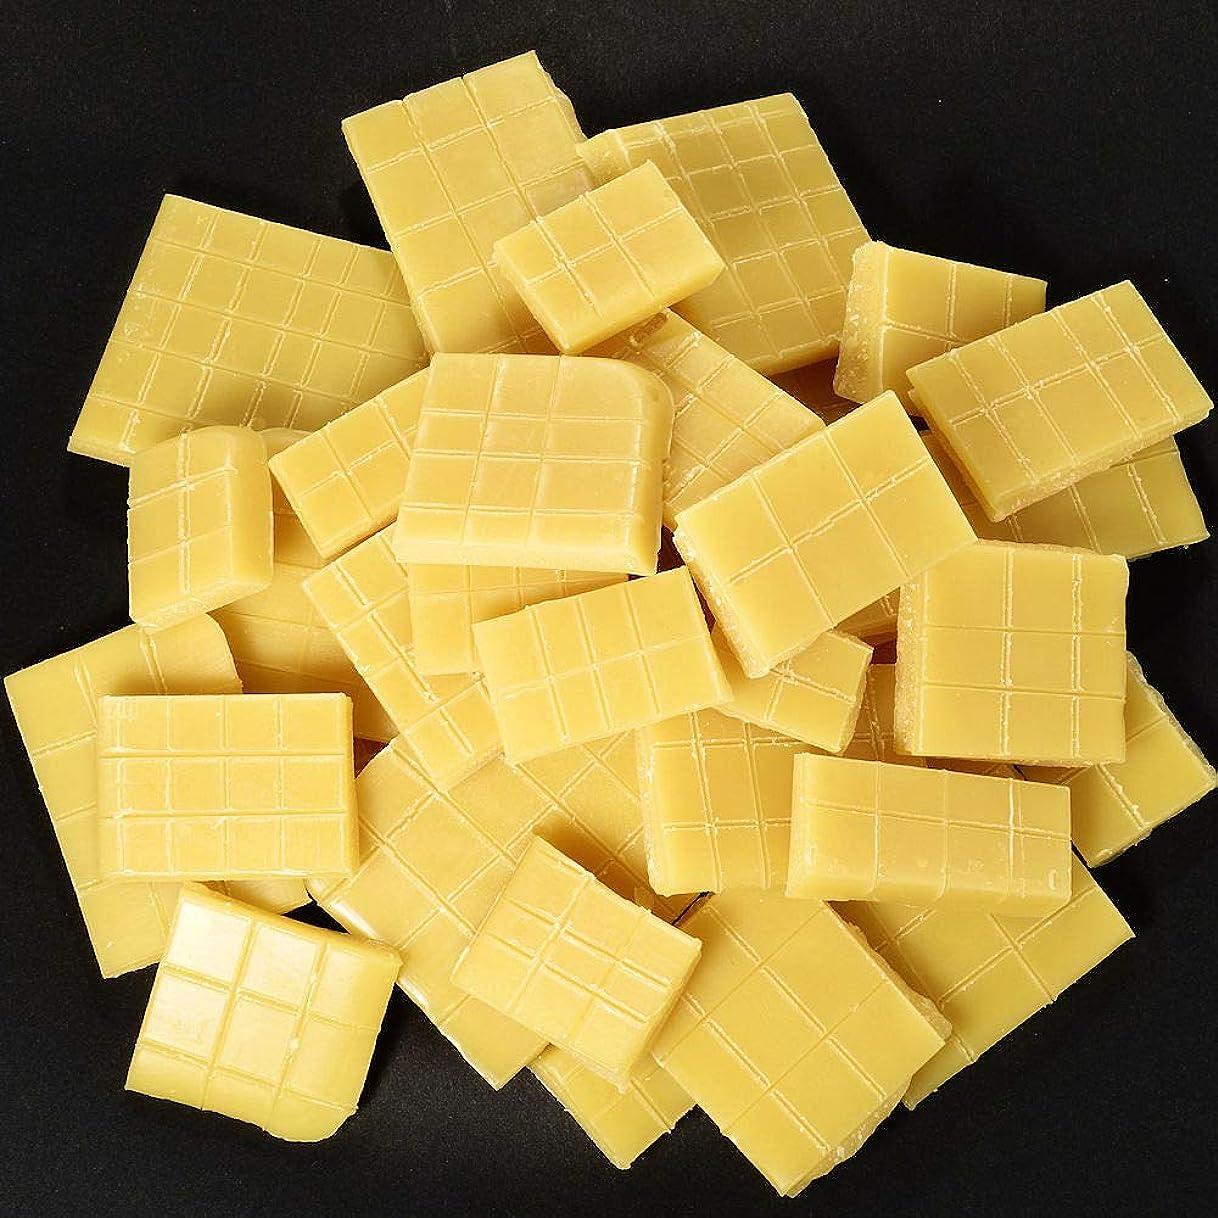 ひらめき憲法福祉keinz アメリカ アイオワ州産 良質 「 スイート?ゴールデン?ビーズワックス 」 蜜蝋 ミツロウ アイオワハニーの甘い香りが残っています。 500g スキンケア用 ロウソク用 綺麗な色